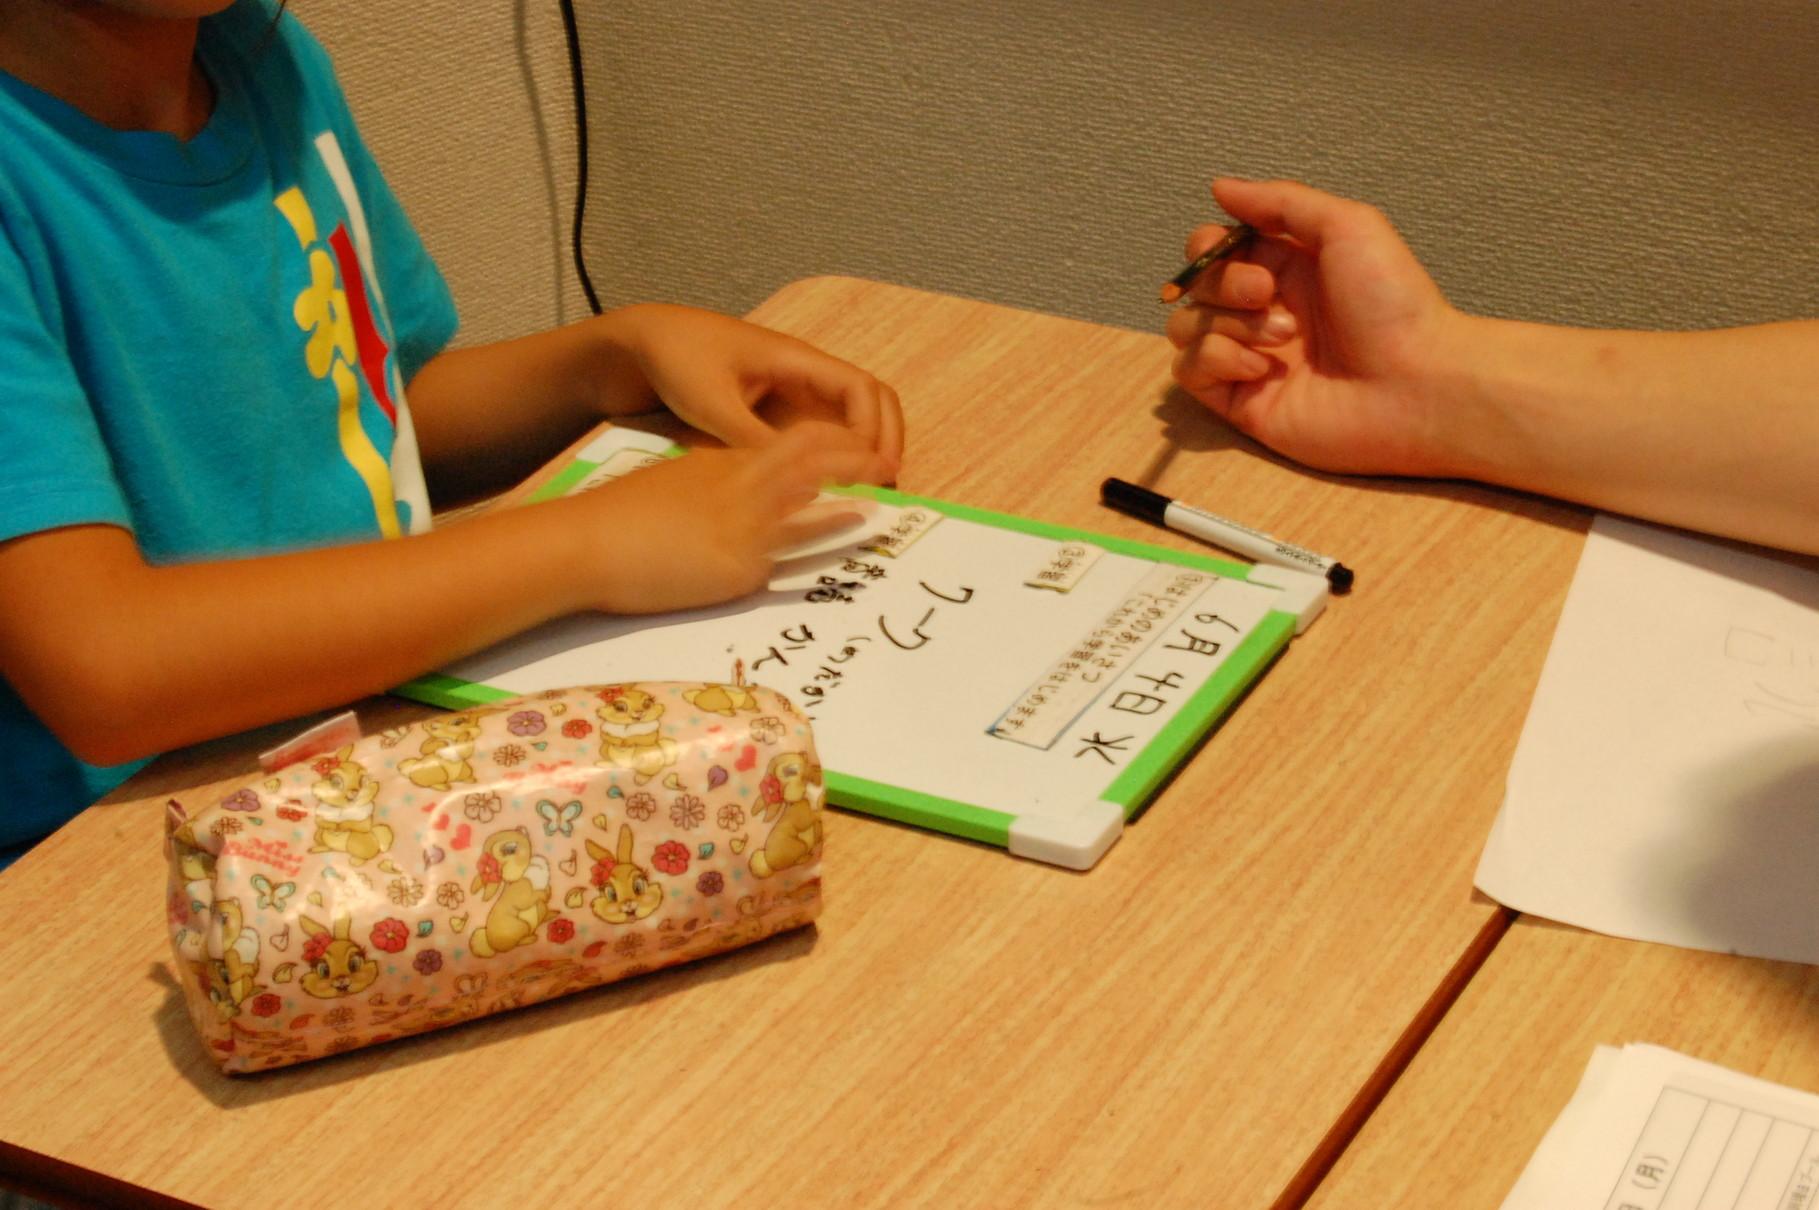 学習予定の確認 見通しをたて学習に取り組みます